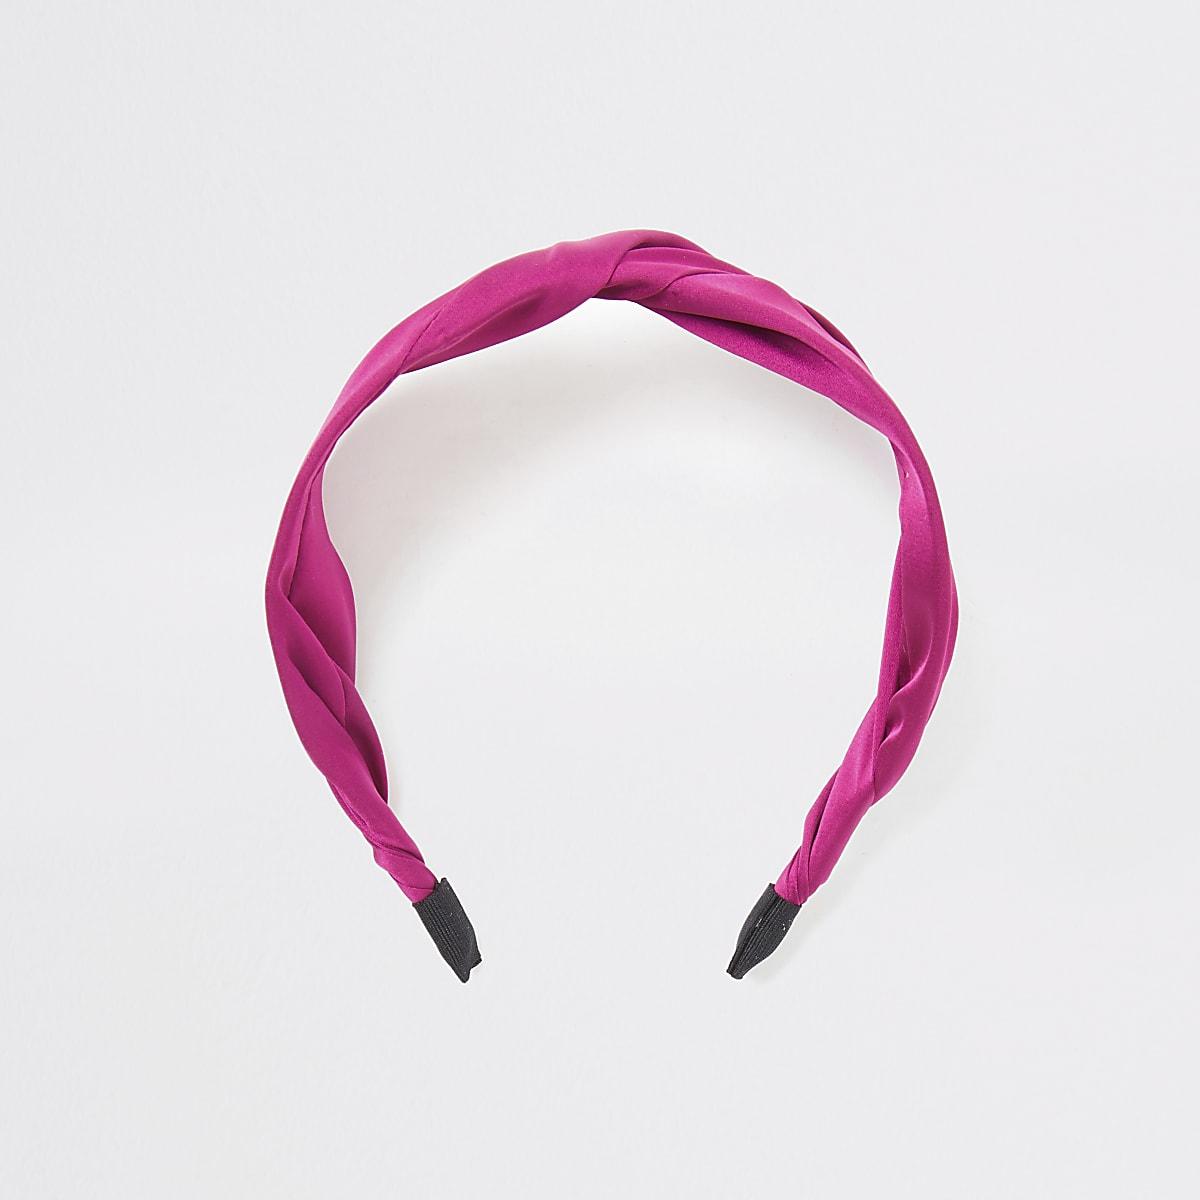 Pink satin twist headband